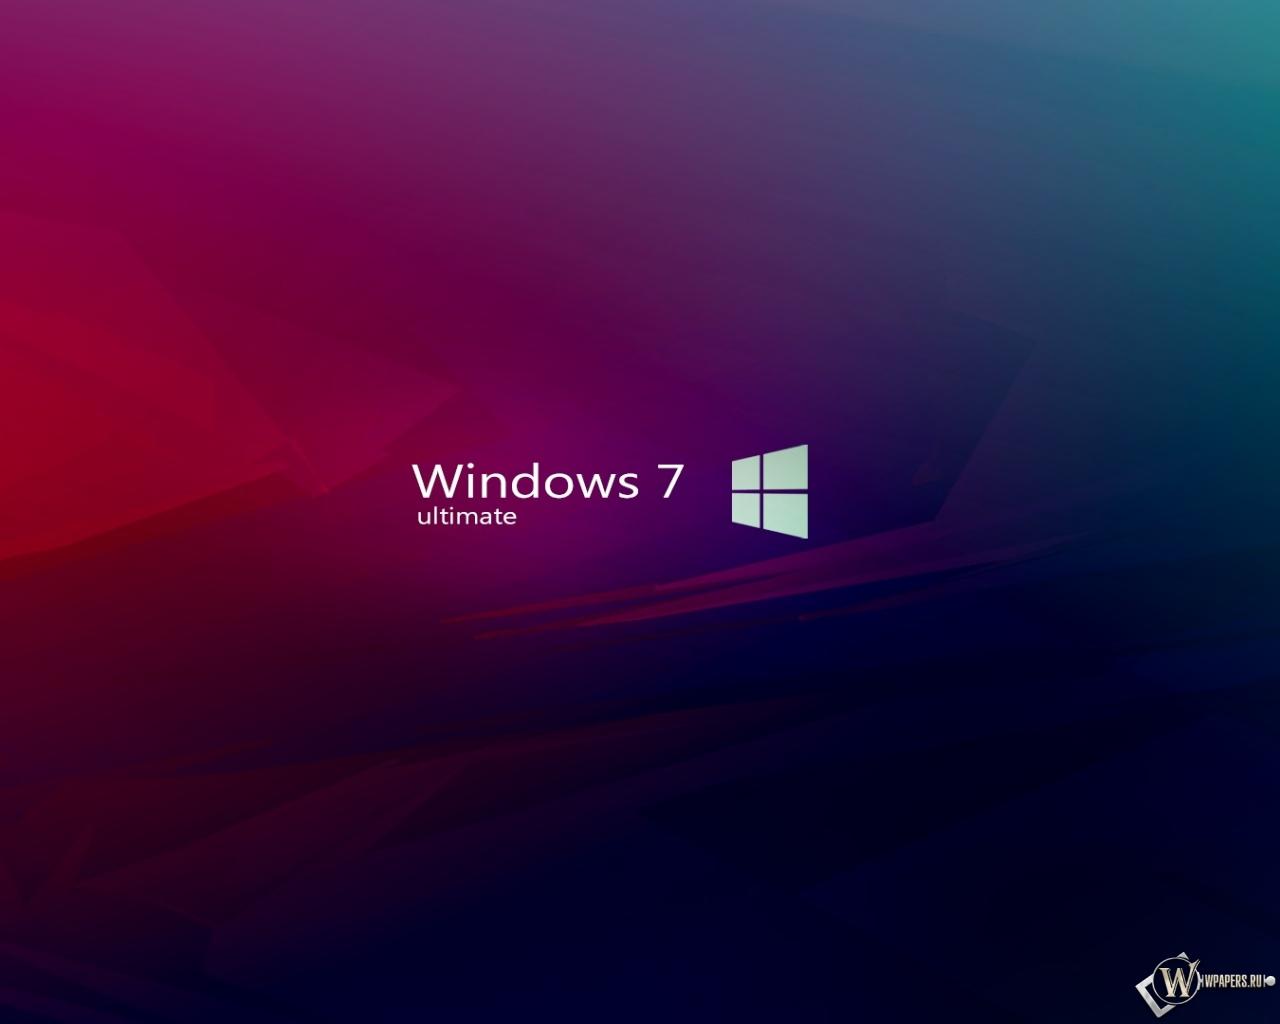 Windows 7 1280x1024